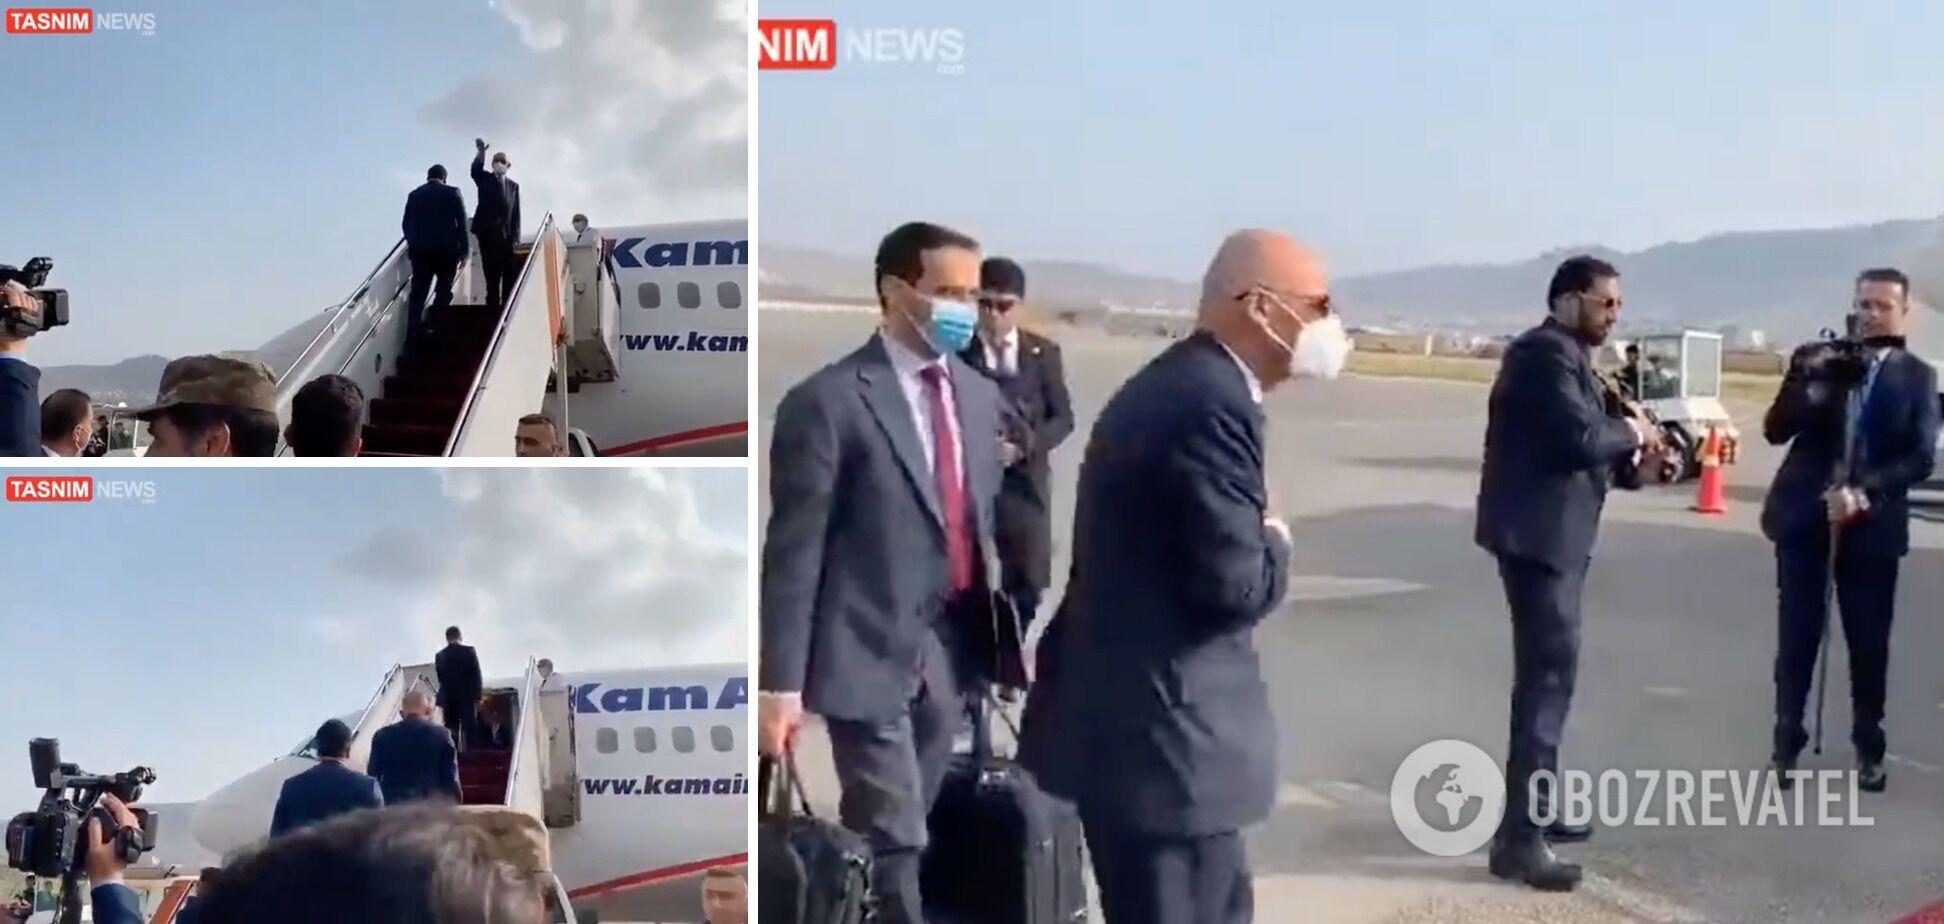 Президент Афганистана покинул страну после прихода талибов